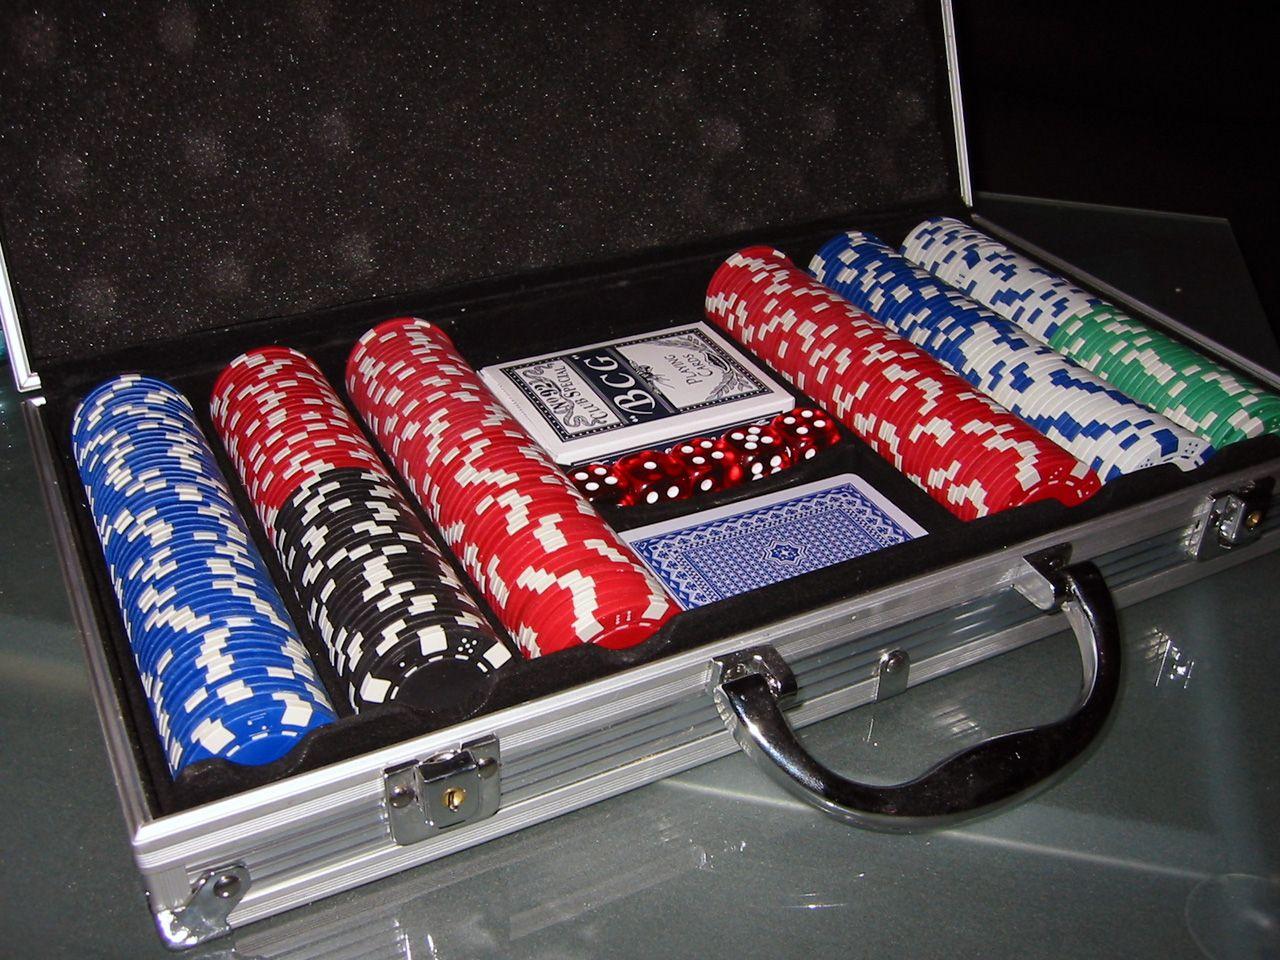 Poker_chips.jpg